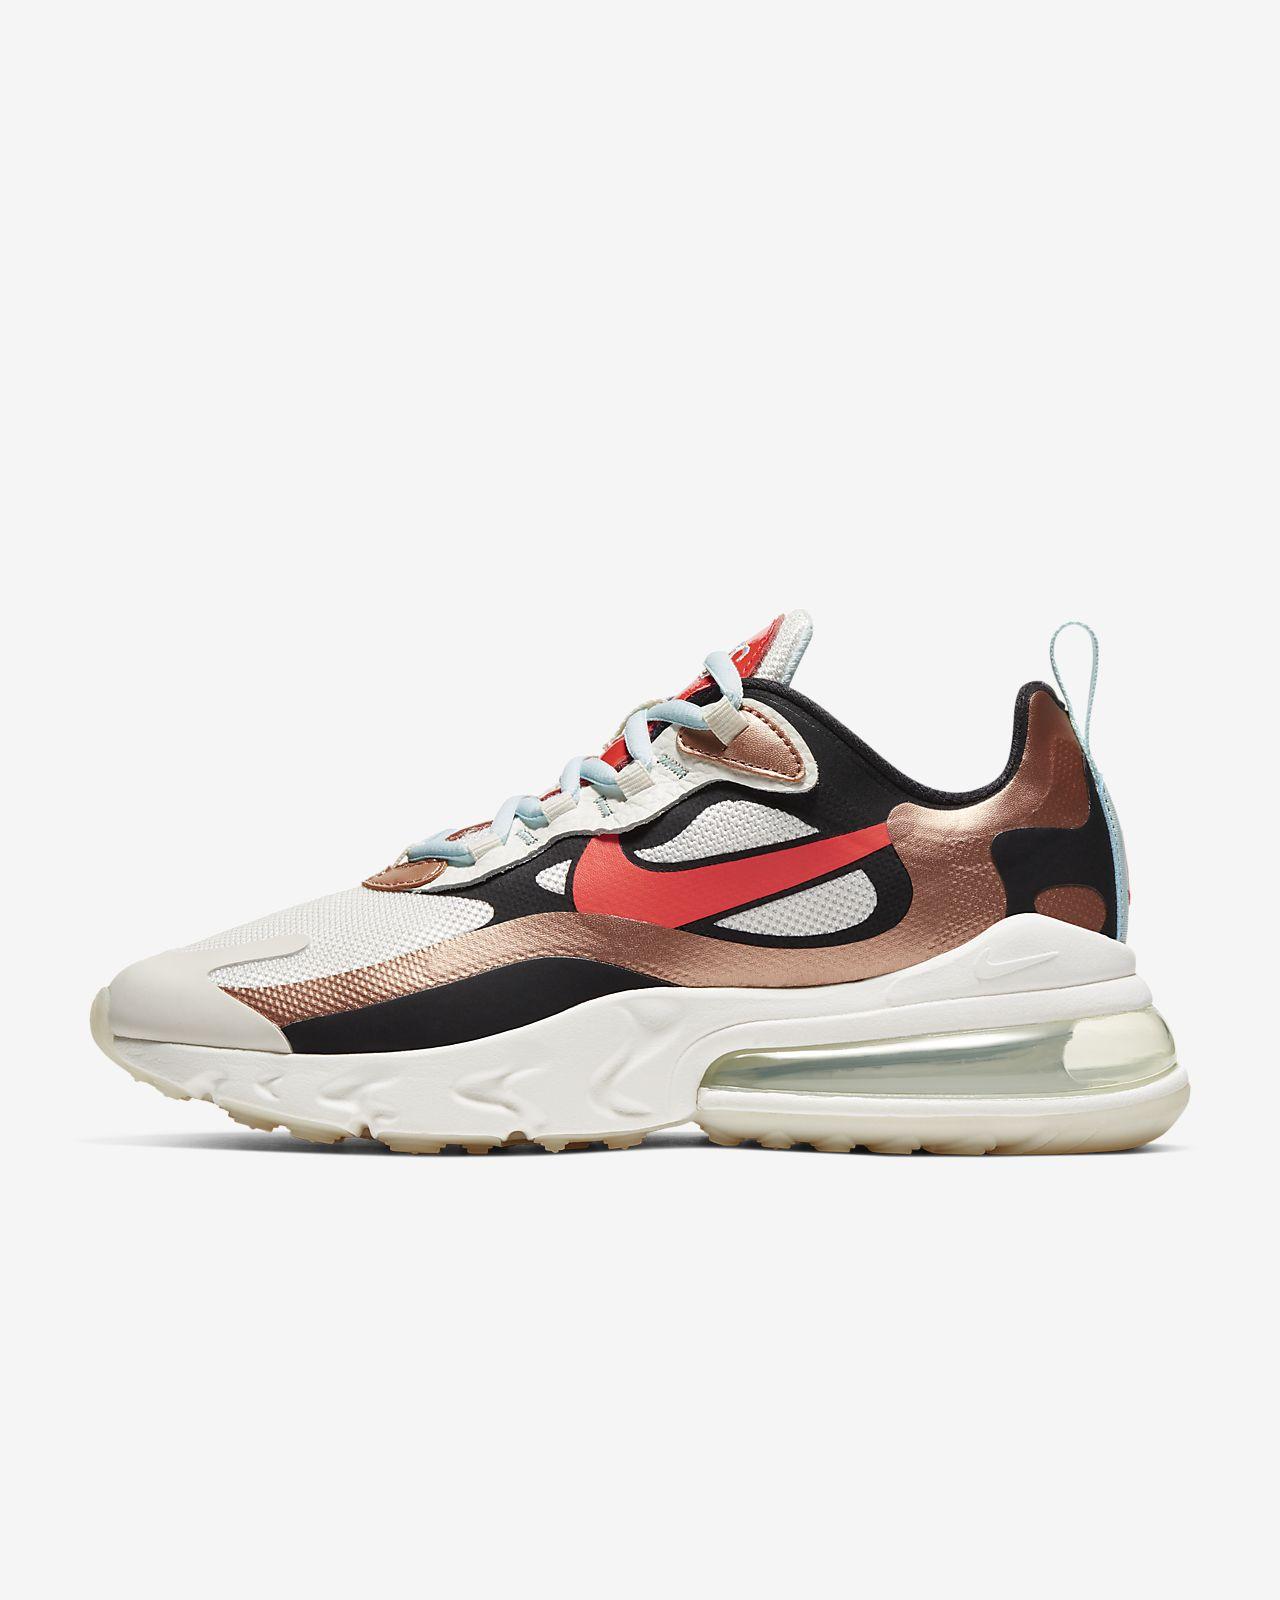 Nike Air Max 270 femme chaussure de Running,nike air max 270